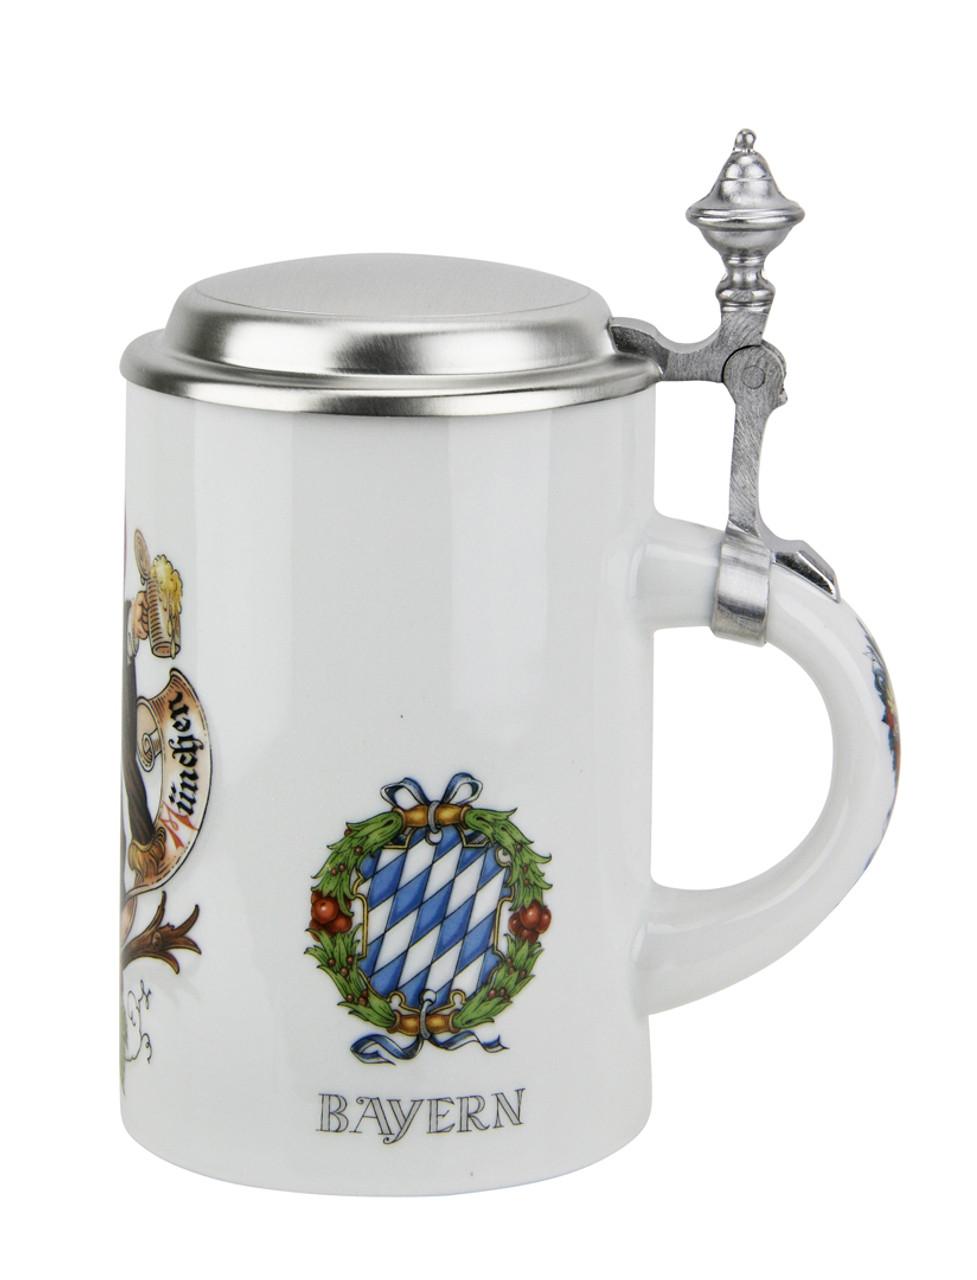 German Ceramic Beer Stein with Lid